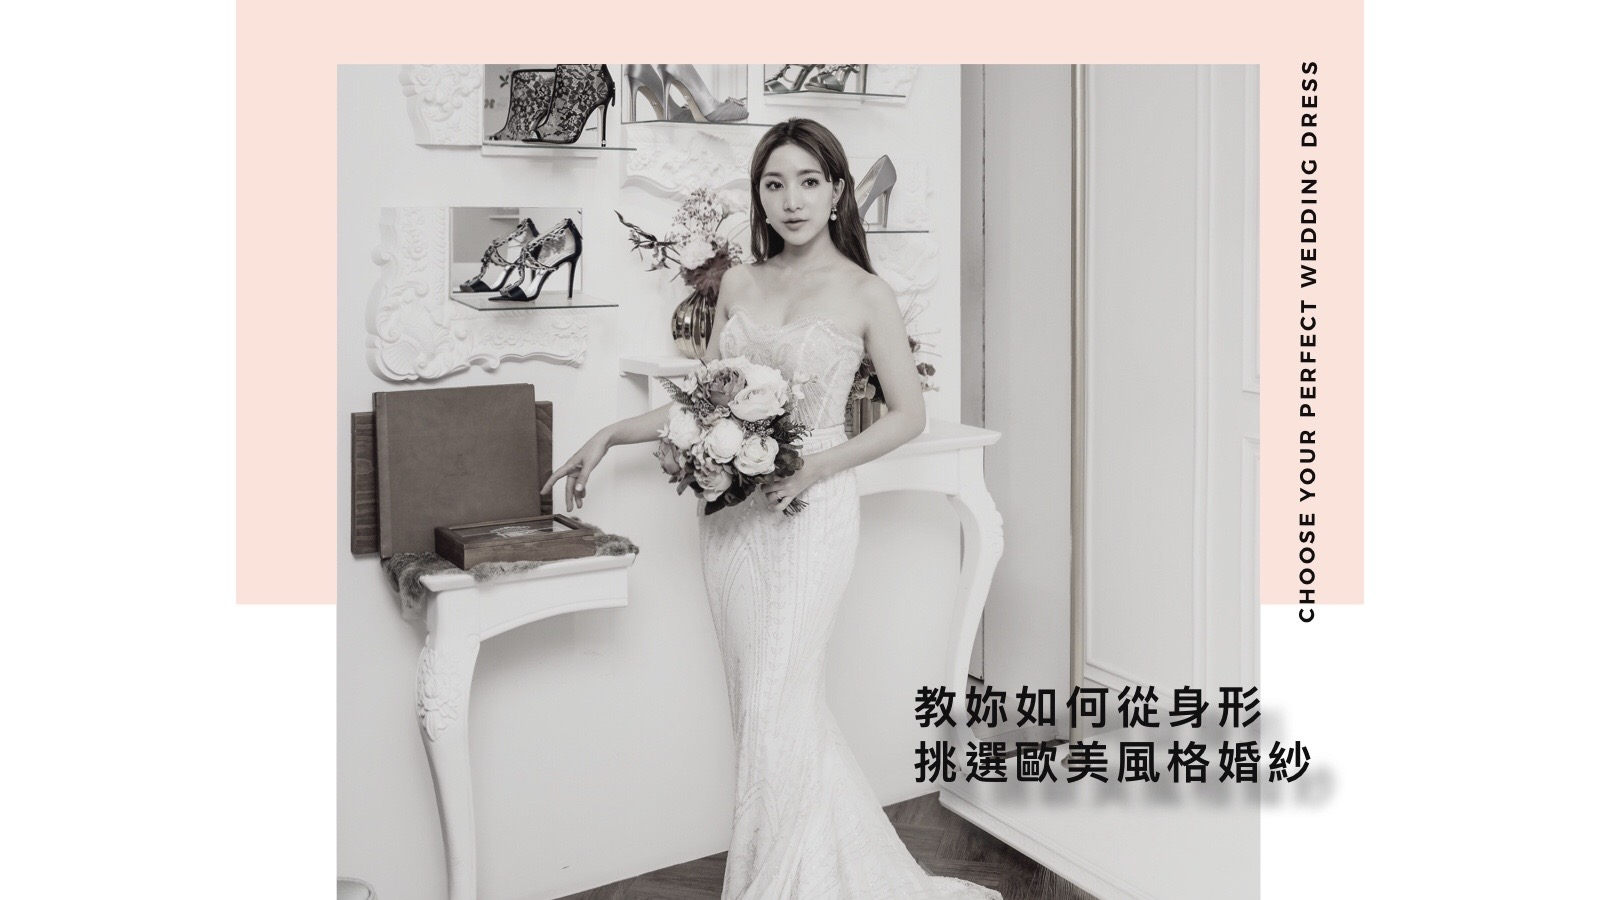 我也可以穿上性感魚尾禮服嗎?Jenny Chou教妳如何從身形挑選歐美風